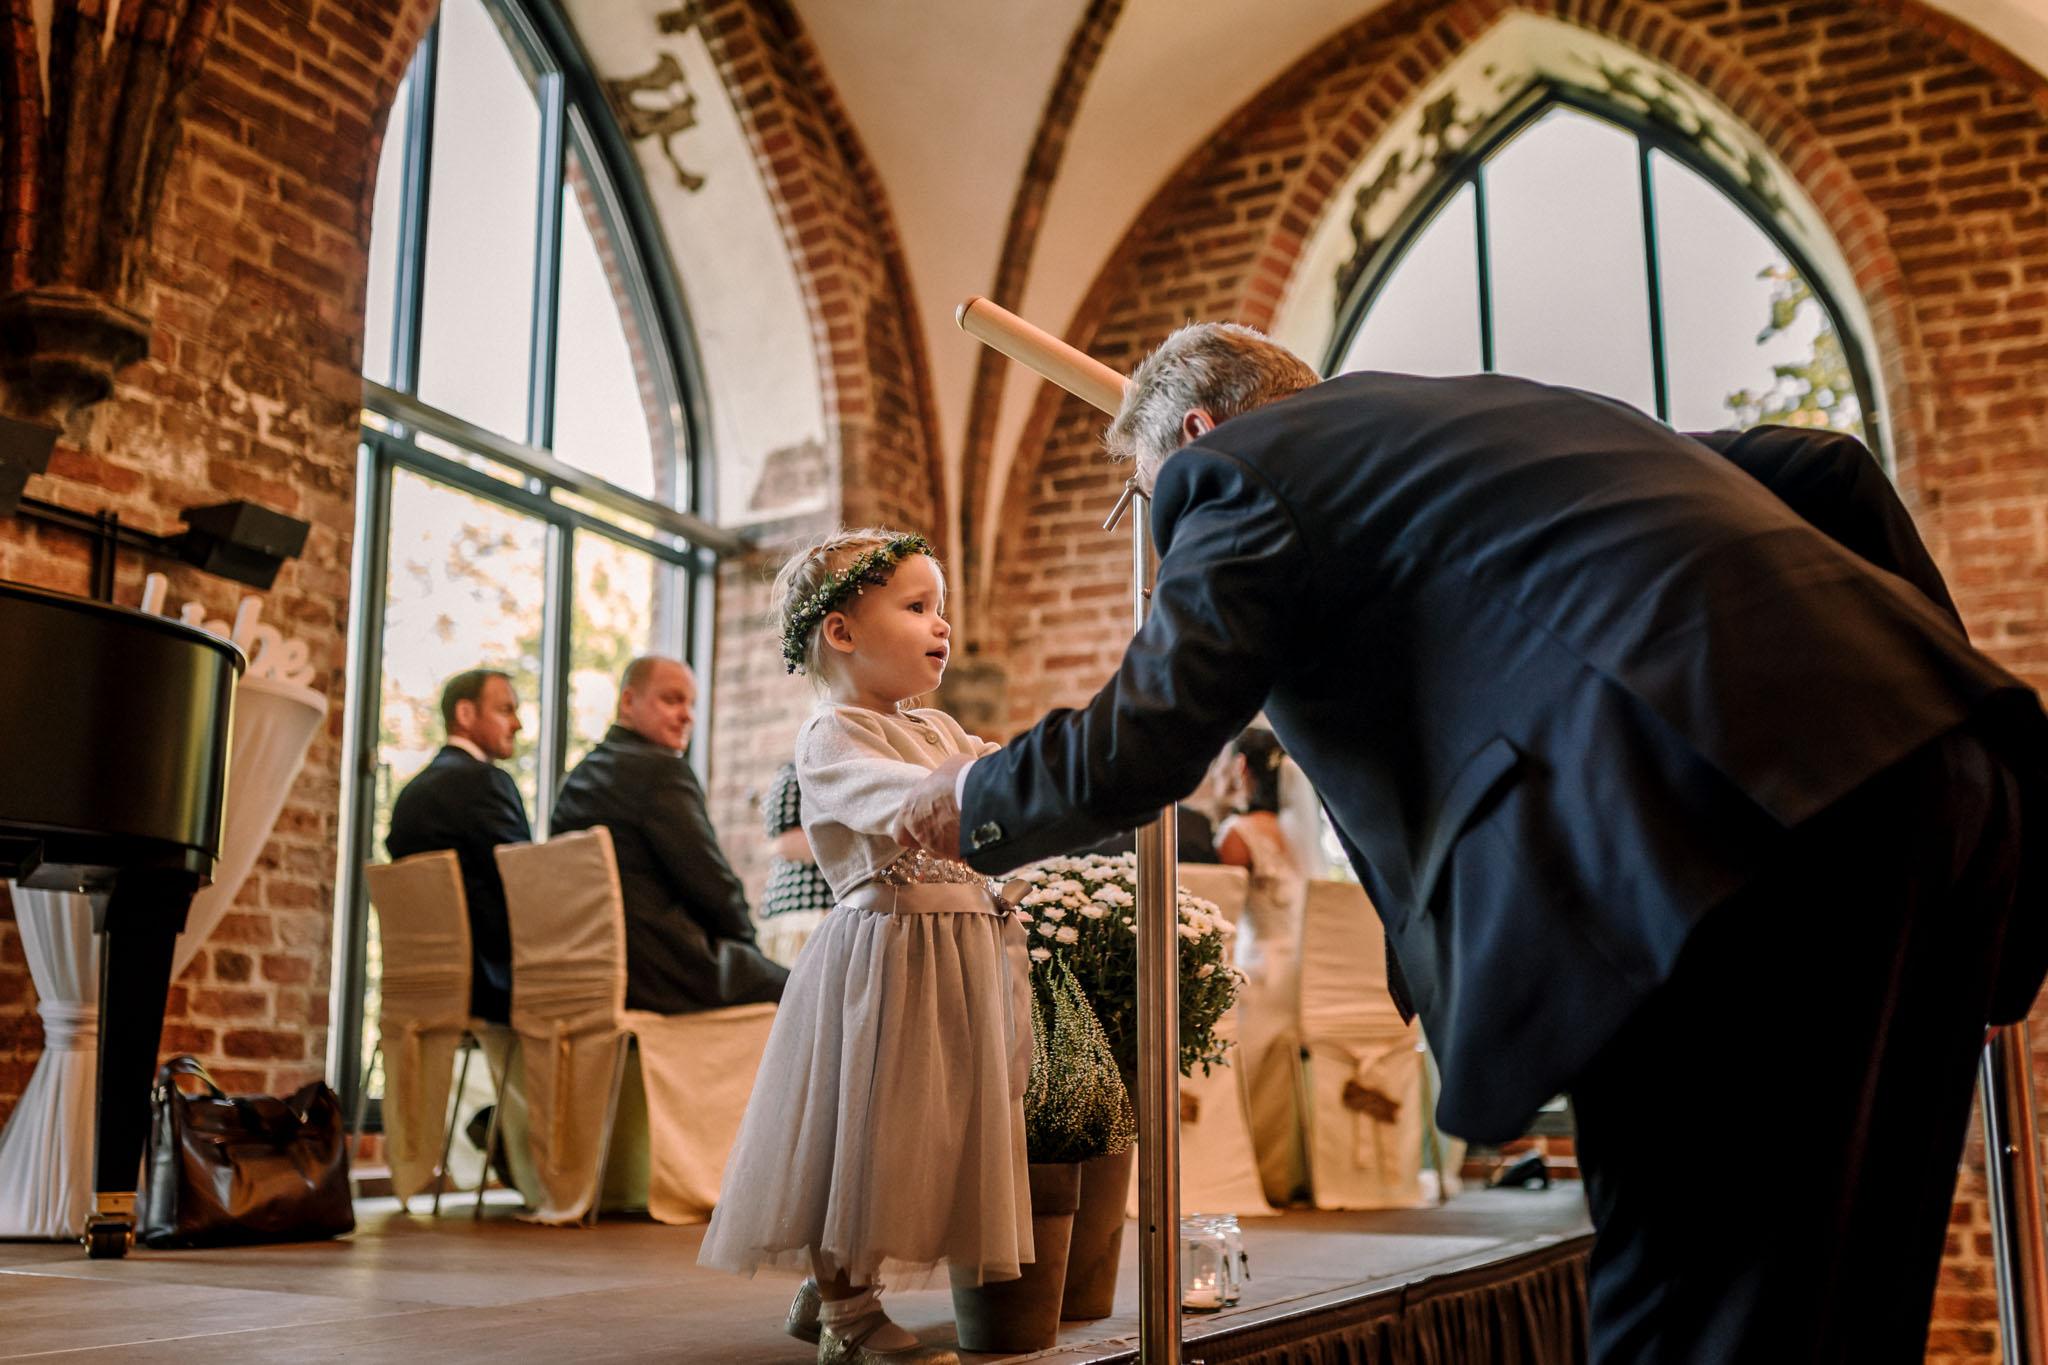 Hochzeitsfieber by Photo-Schomburg, Hochzeitsfotograf, Hamburg,Hochzeitstag, Hochzeitspaar, Braut, Bräutigam, Literaturhauscafe Zarrentin-28